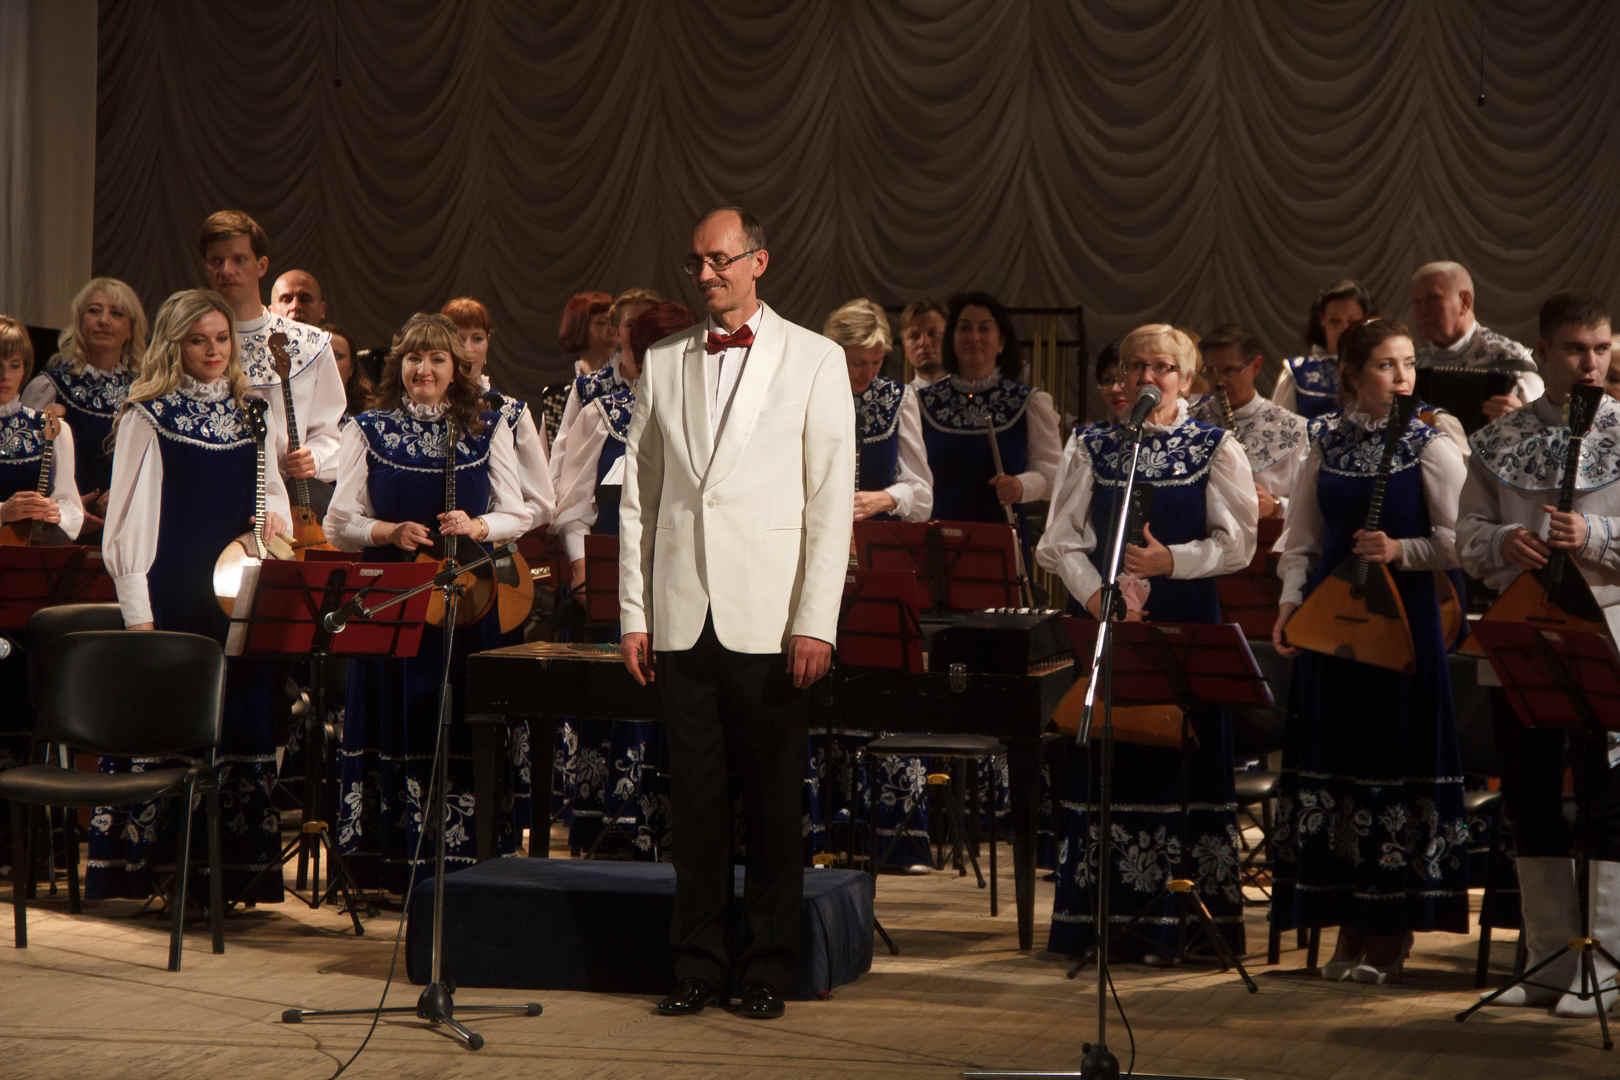 Праздничный концерт Вятского оркестра русских народных инструментов